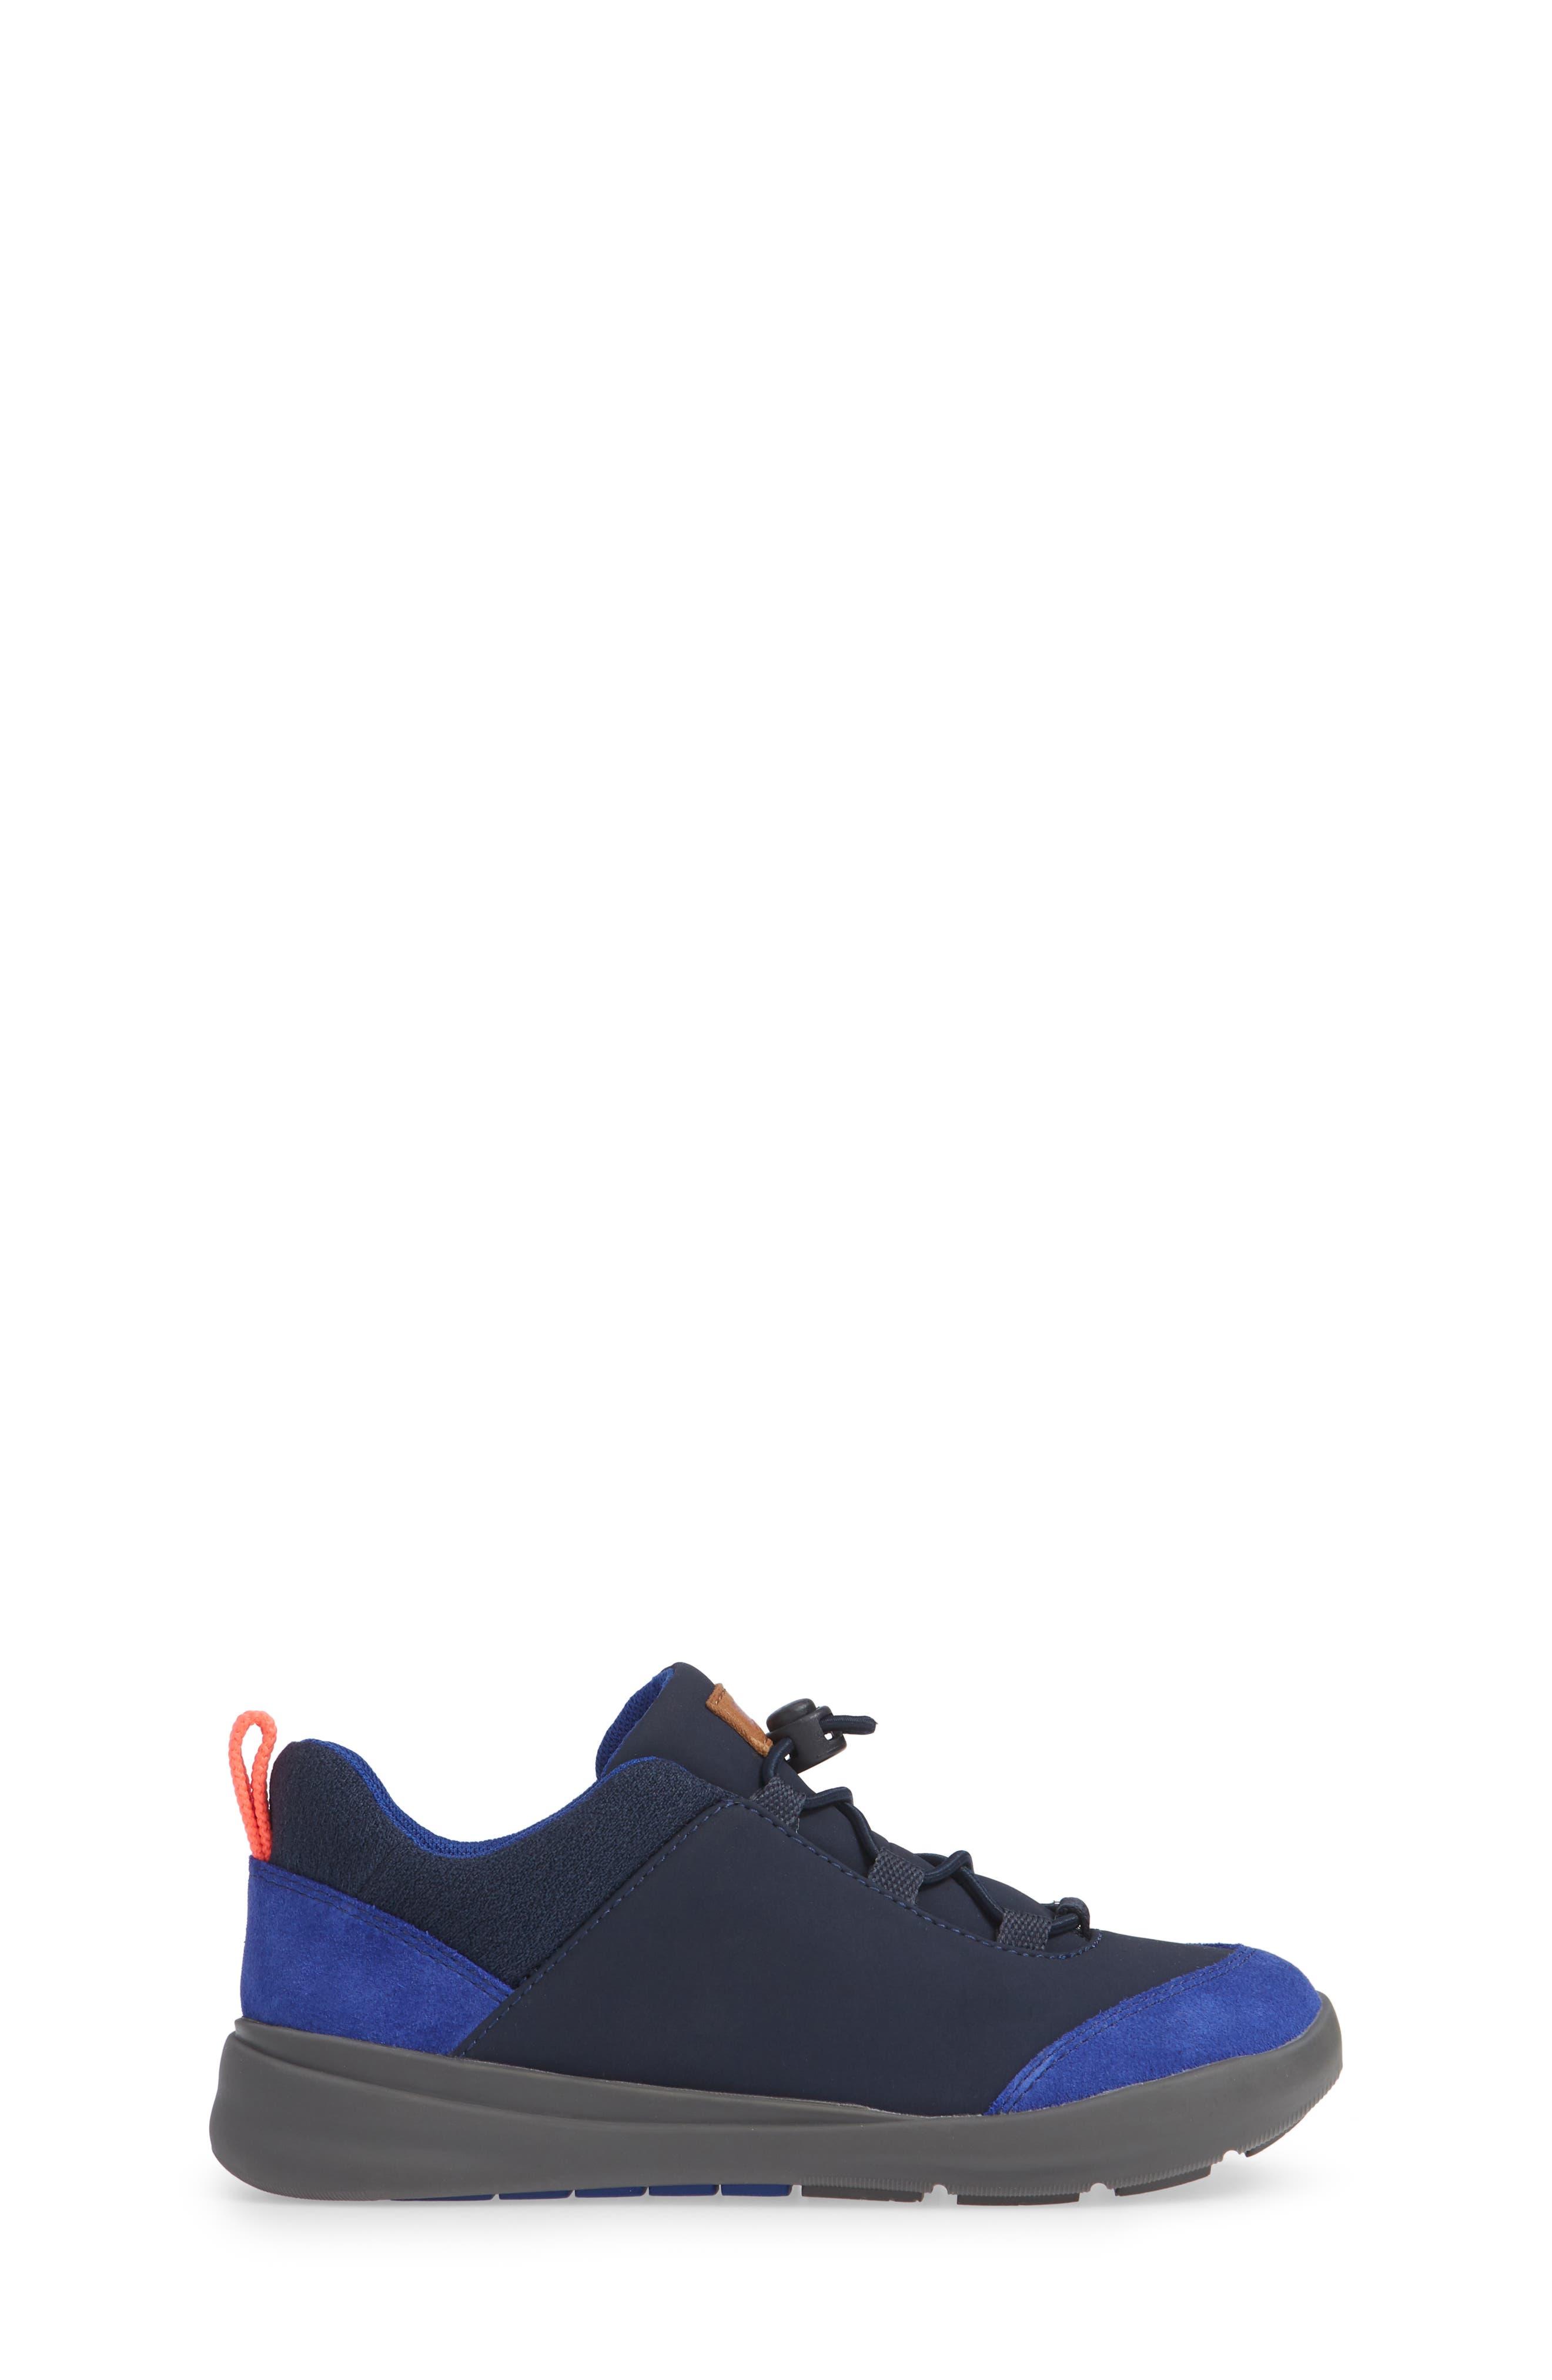 Ergo Hybrid Sneaker,                             Alternate thumbnail 3, color,                             BLUE MULTI